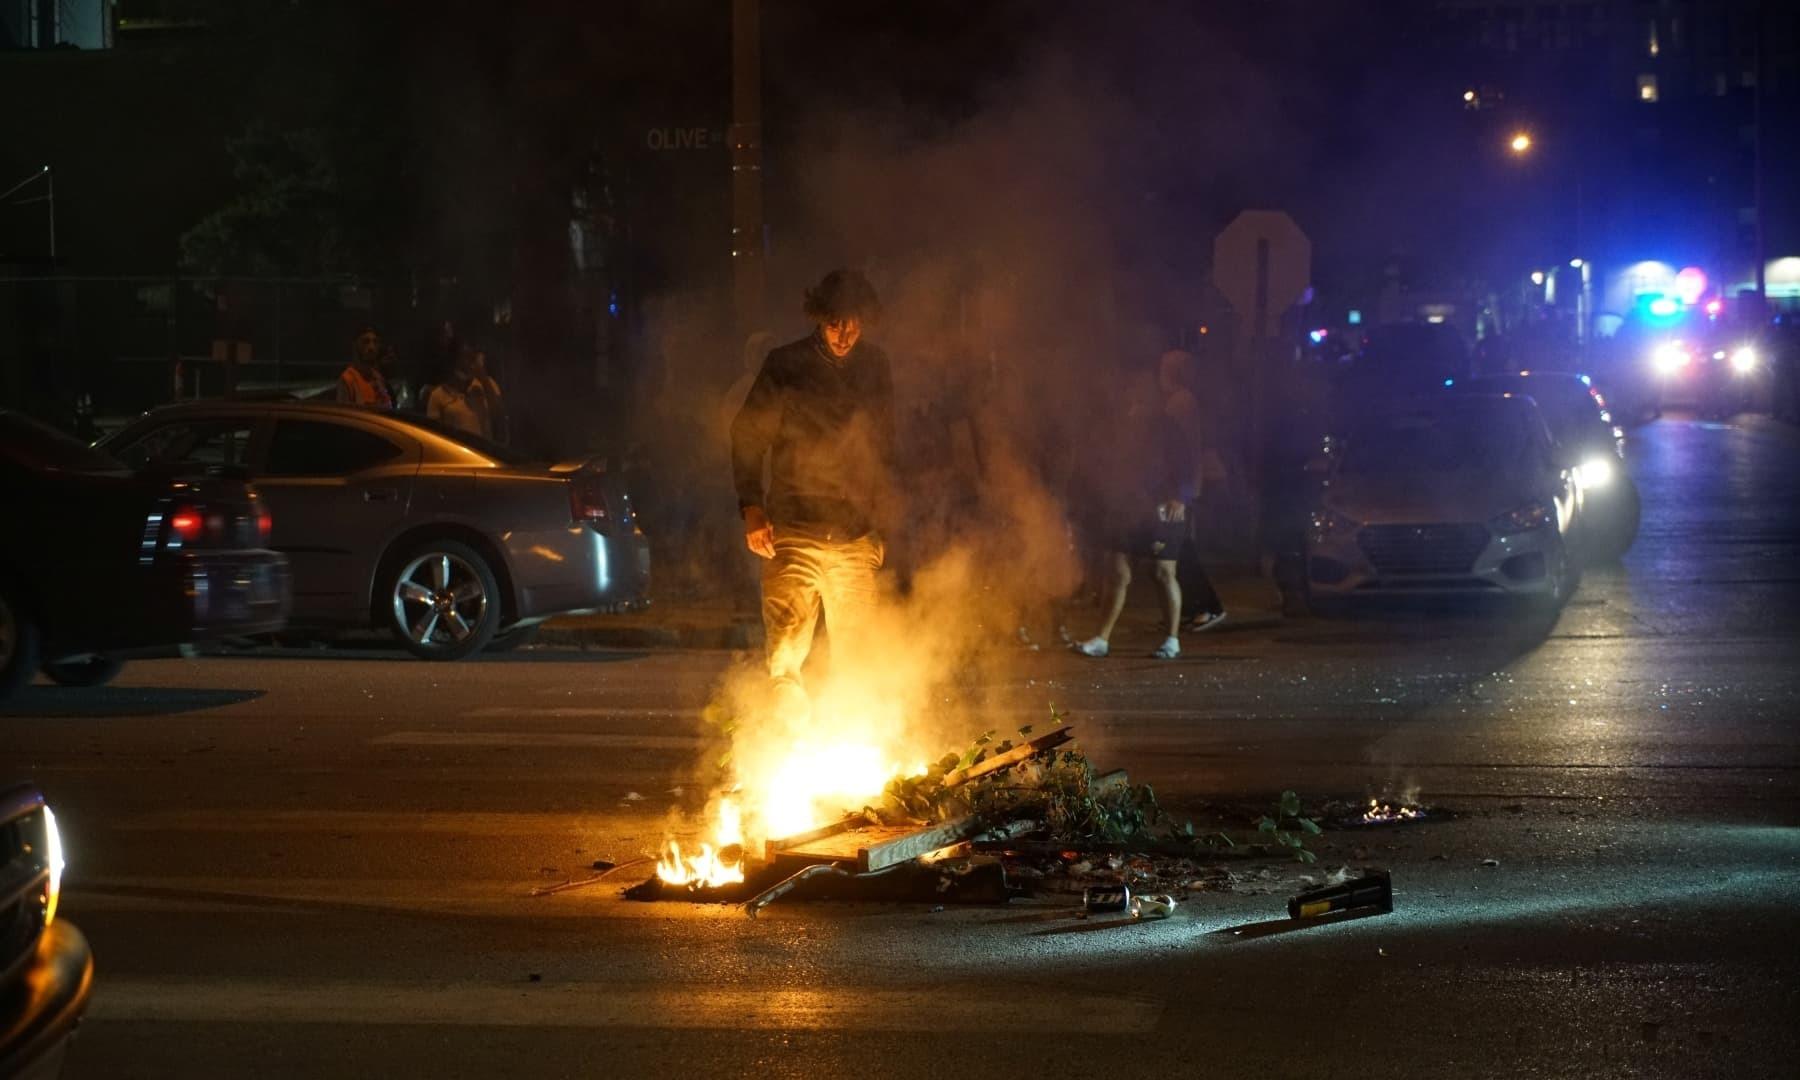 احتجاج کے دوران امریکا بھر میں بڑے پیمانے پر املاک کو نذر آتش کیا گیا— فوٹو: رائٹرز